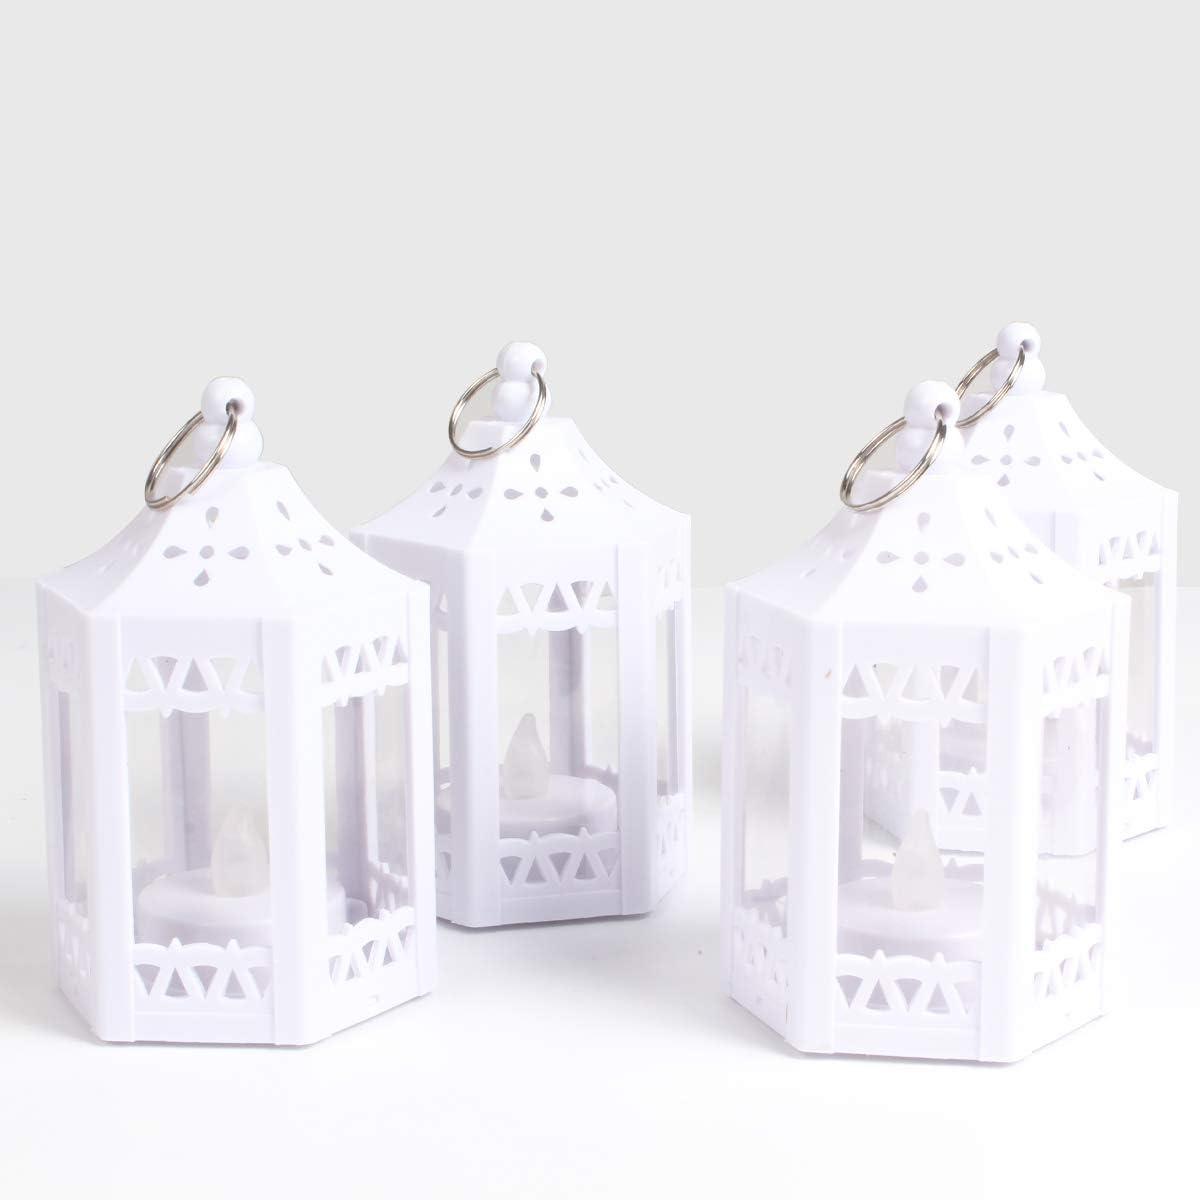 Mini white lantern centerpieces